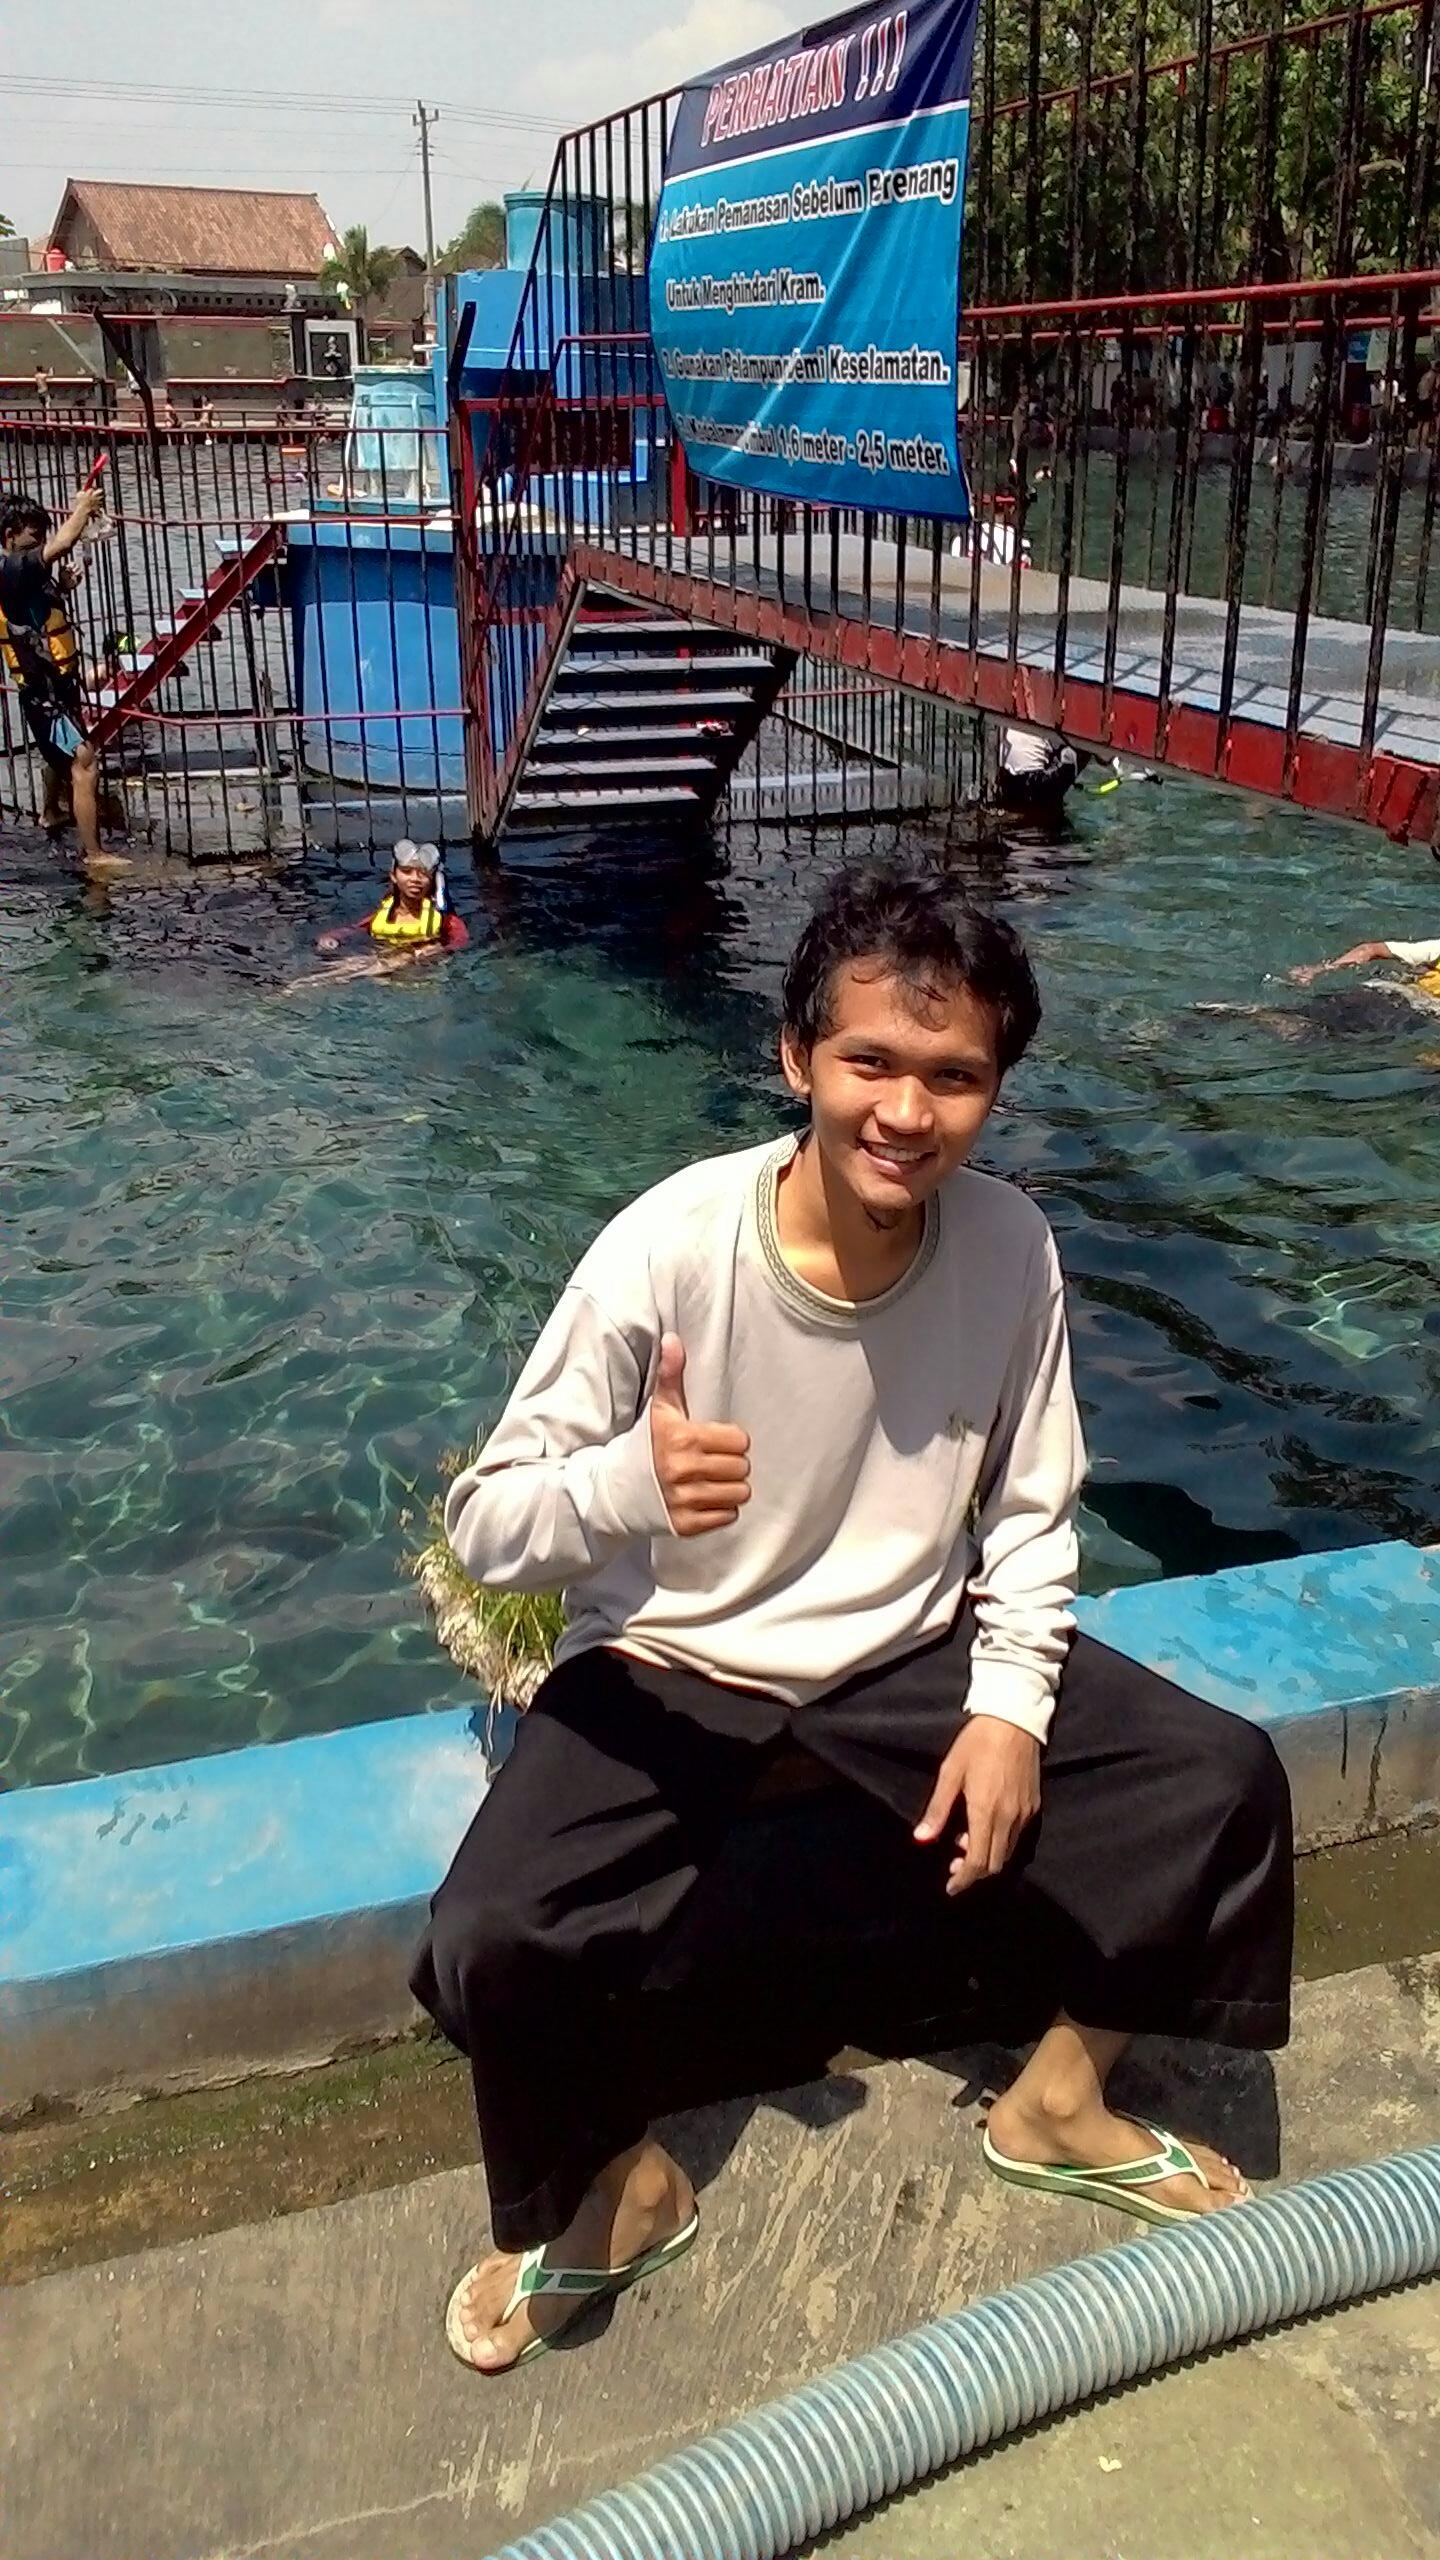 Foto Umbul Ponggok Tempat wisata air snokerling bagus klaten